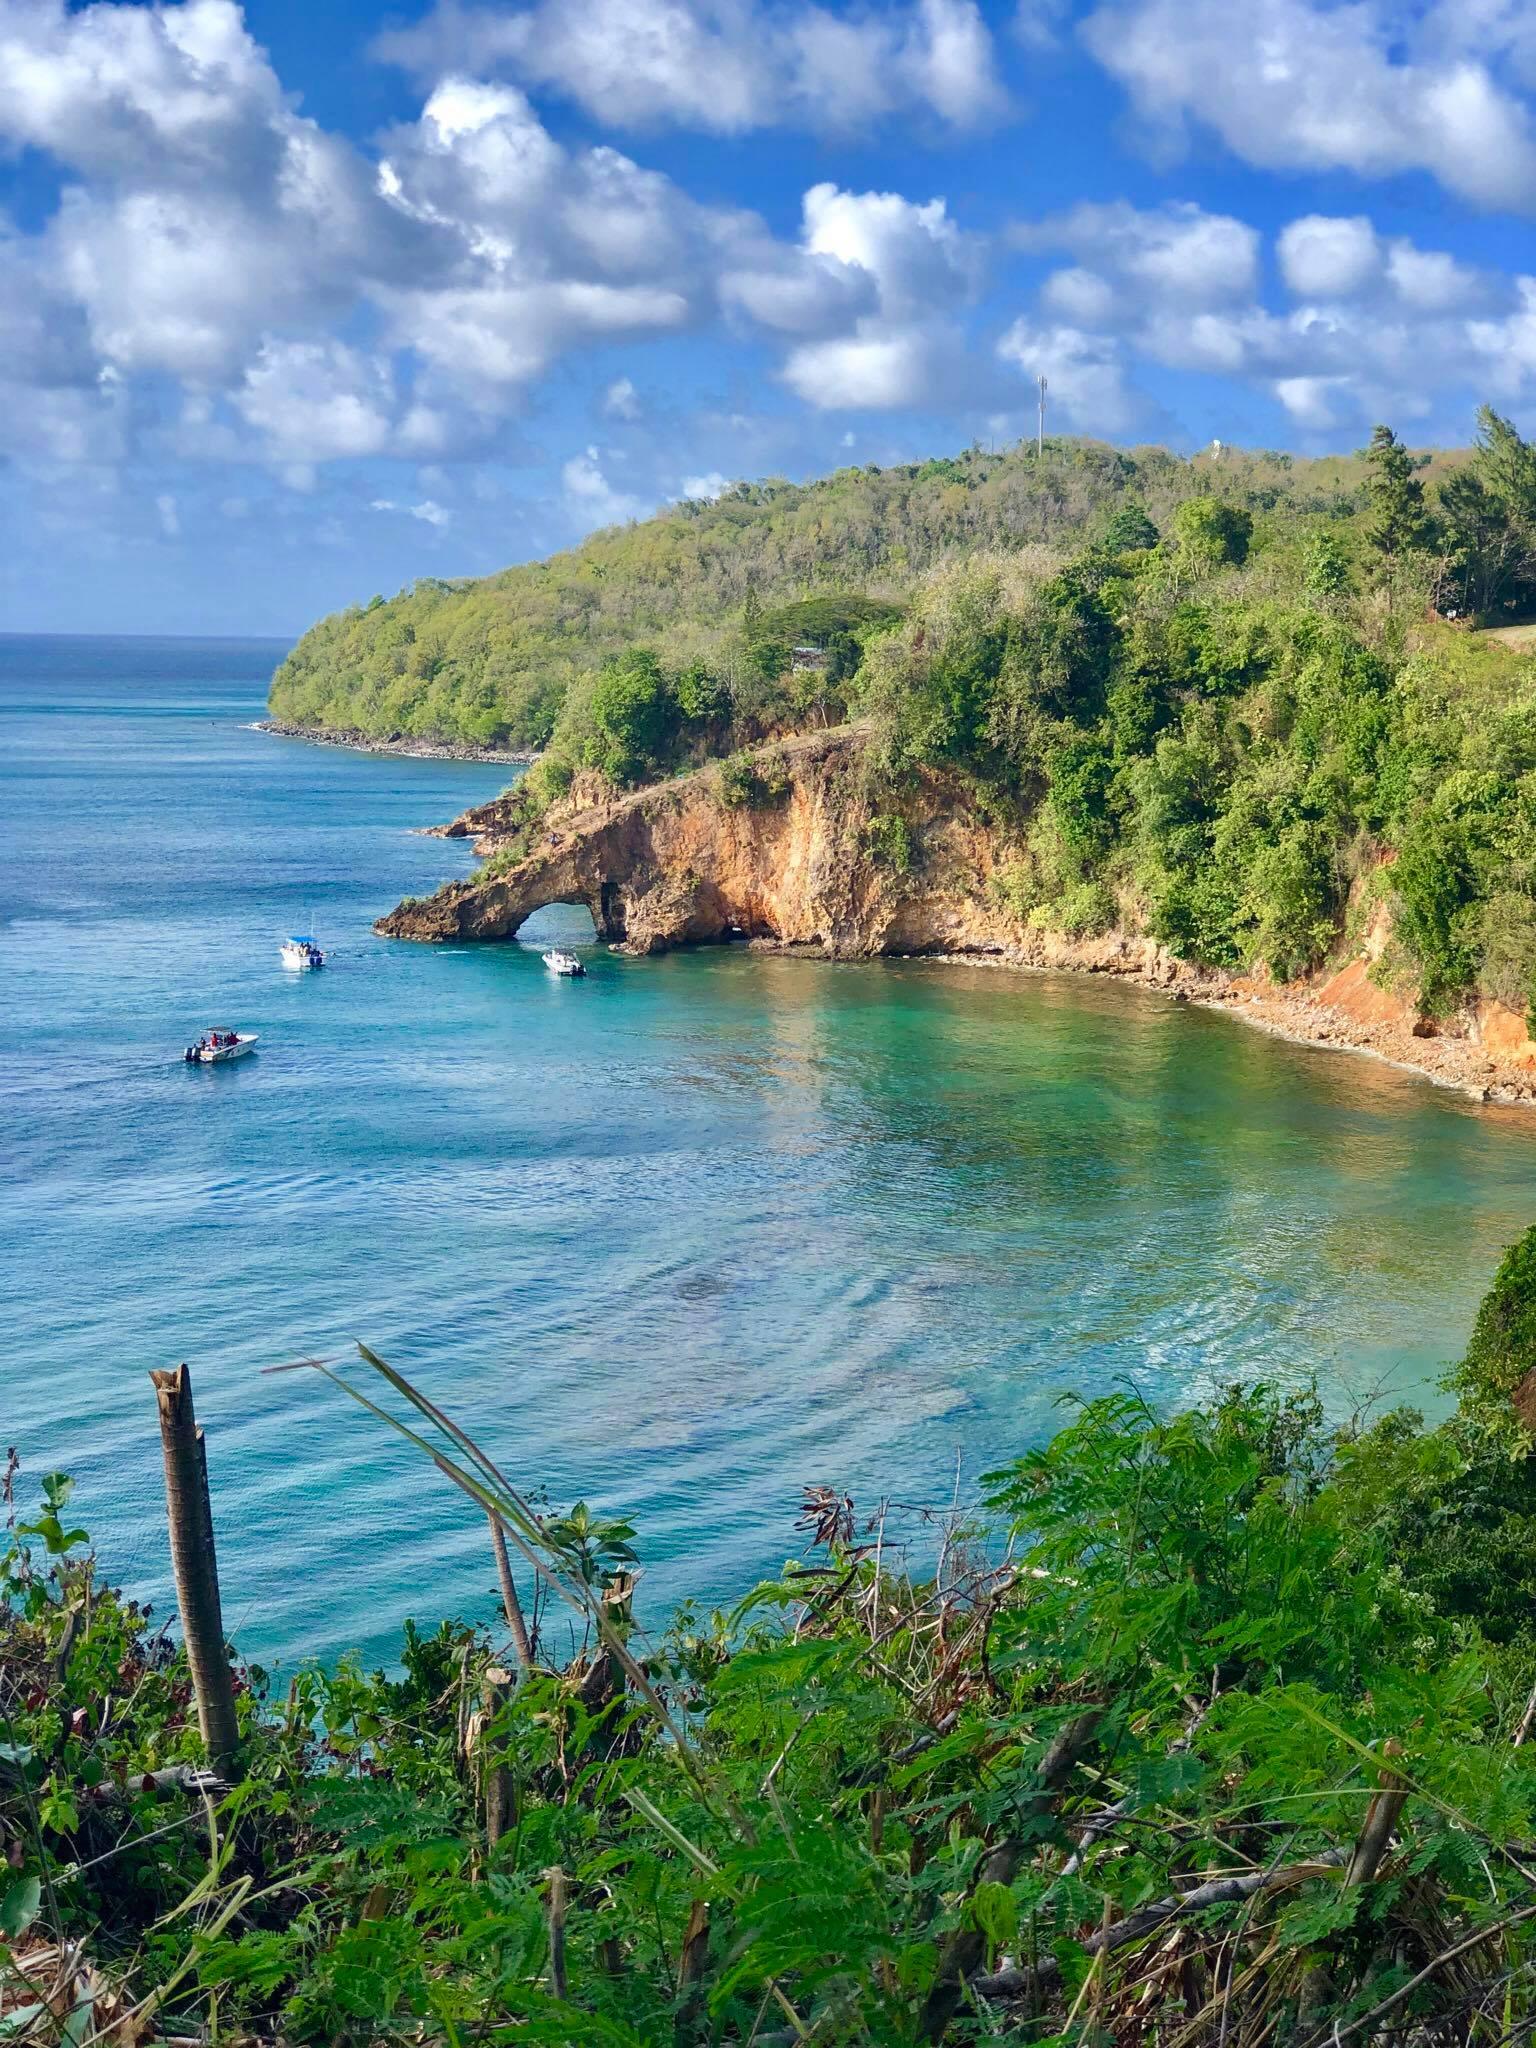 Kach Solo Travels in 2019 Beautiful St Lucia23.jpg